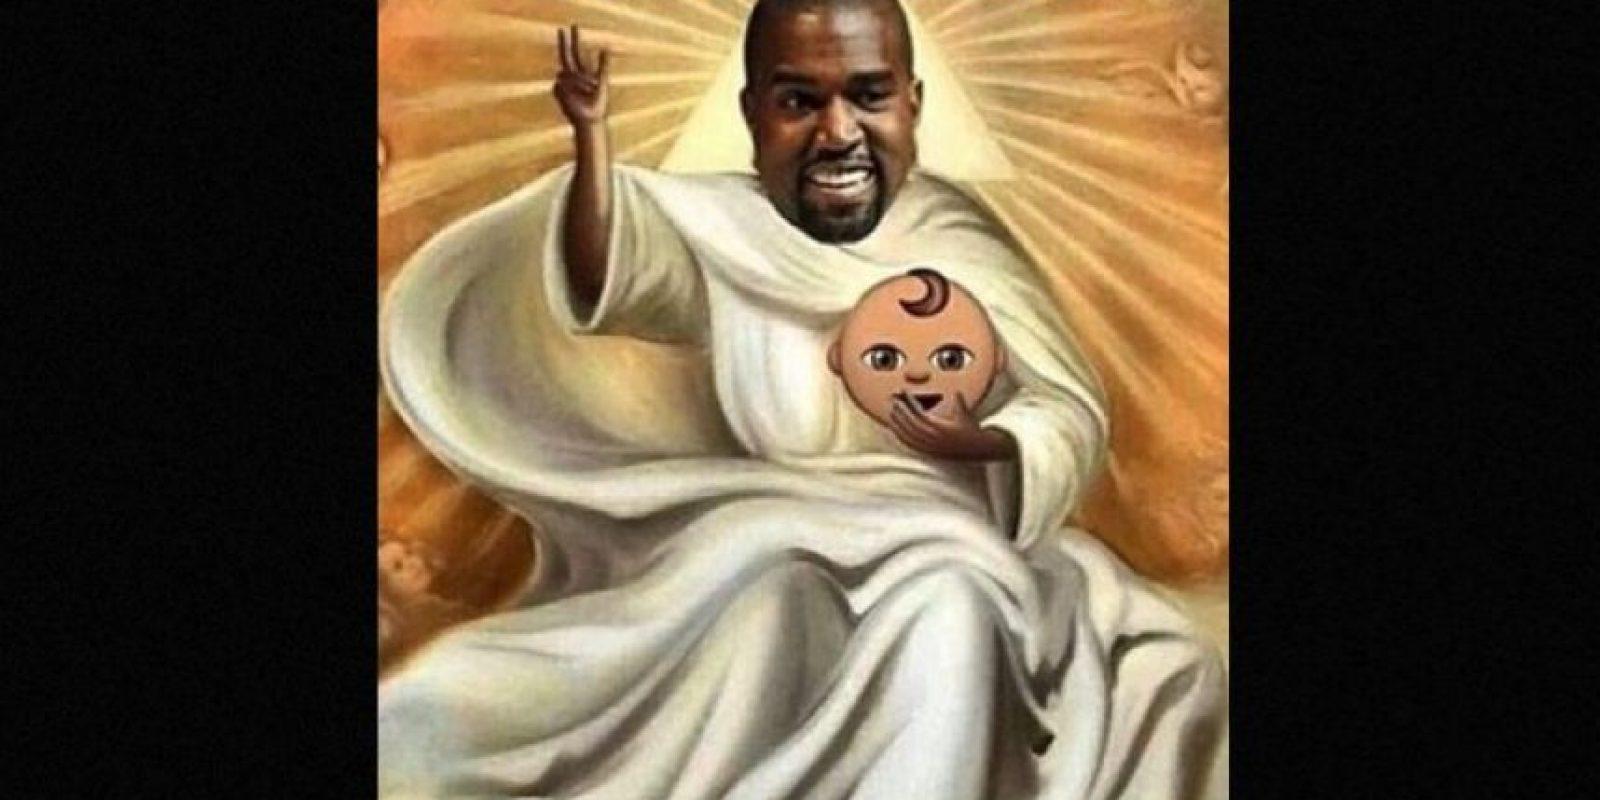 """Y Kanye West es apodado """"Yeezus"""" por el disco que lanzó en 2013 con este nombre. Foto:Twitter"""